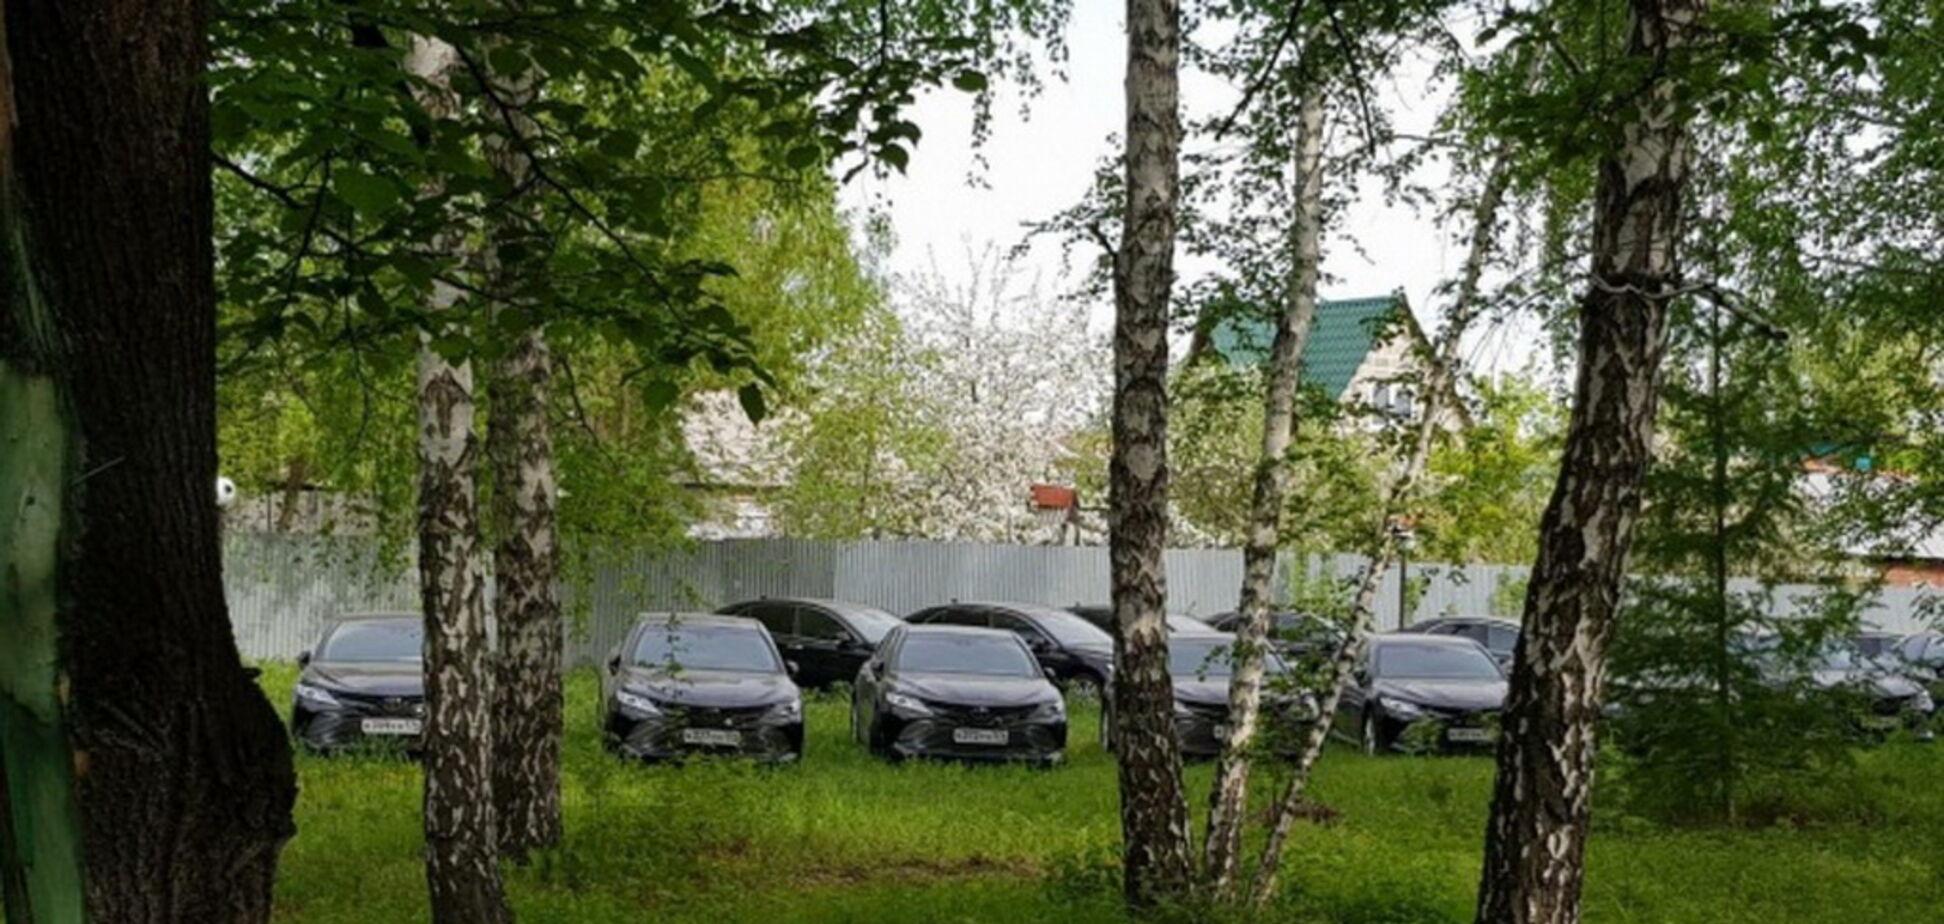 Пів сотні нових Toyota Camry кинули в лісі